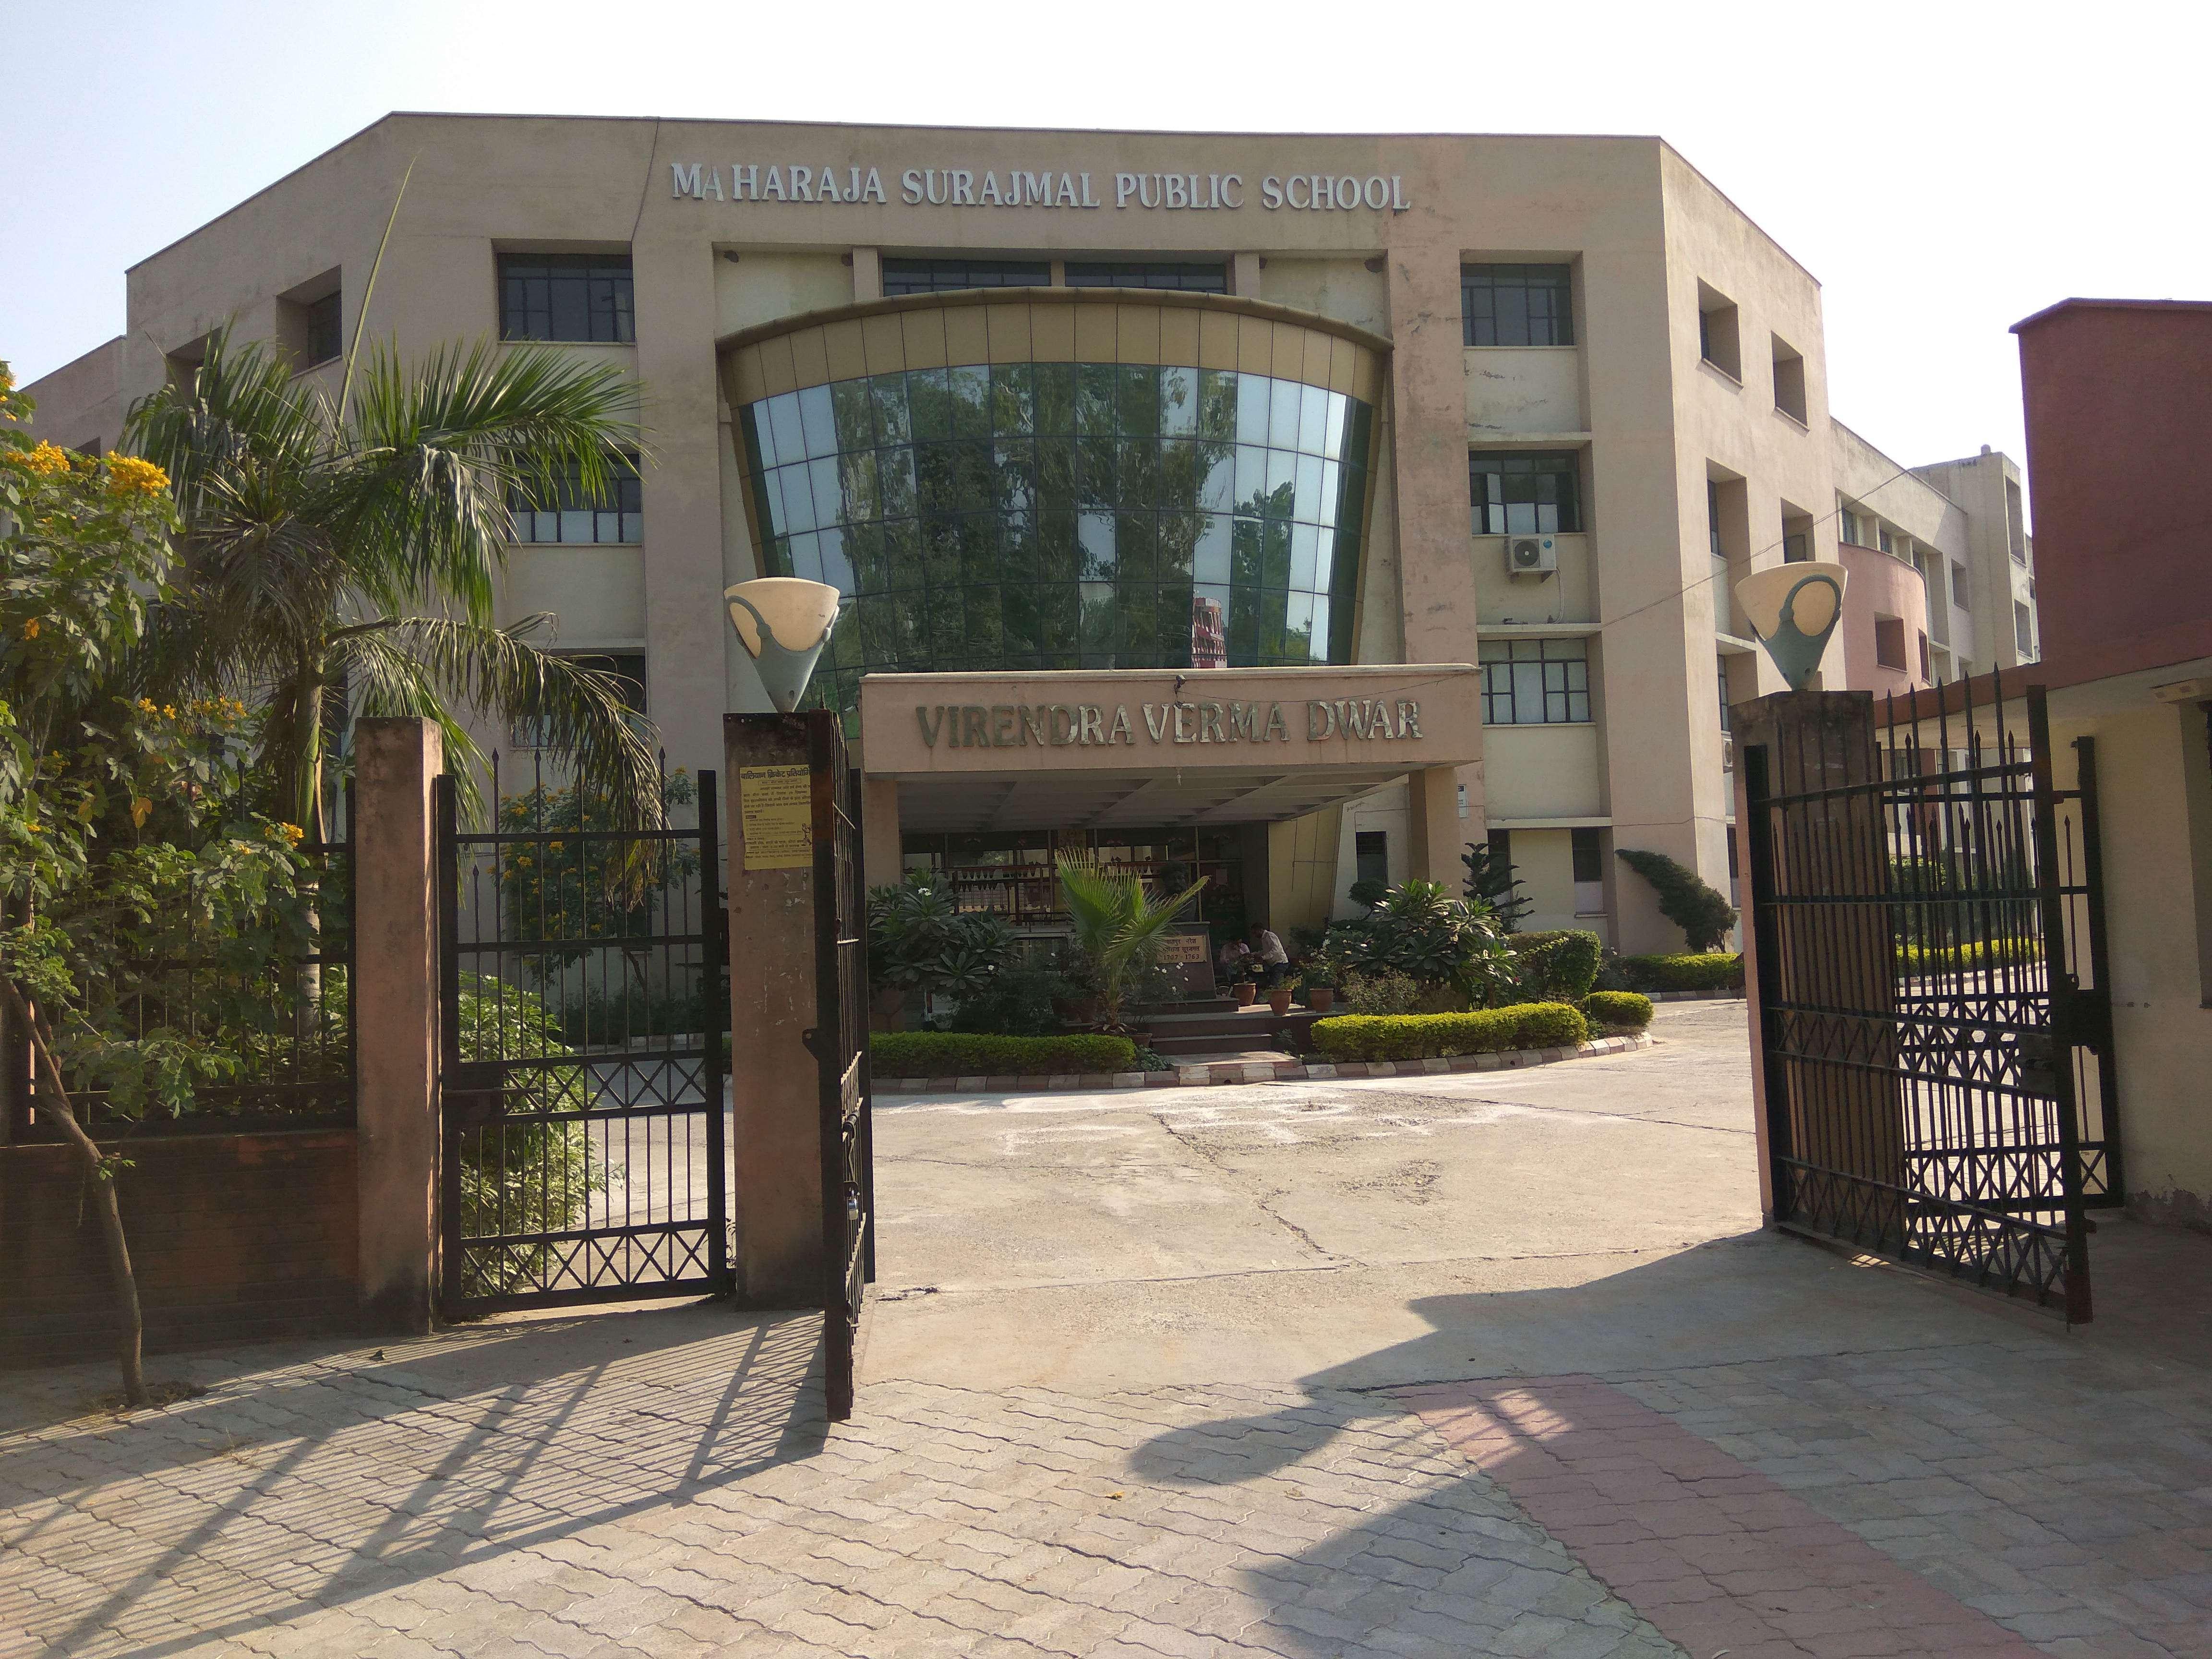 MAHARAJA SURAJMAL PUBLIC SCHOOL MAHARAJA SURAJMAL PUBLIC SCHOOL P O BANAT DISTT MUZAFFARNAGAR U P 2131260